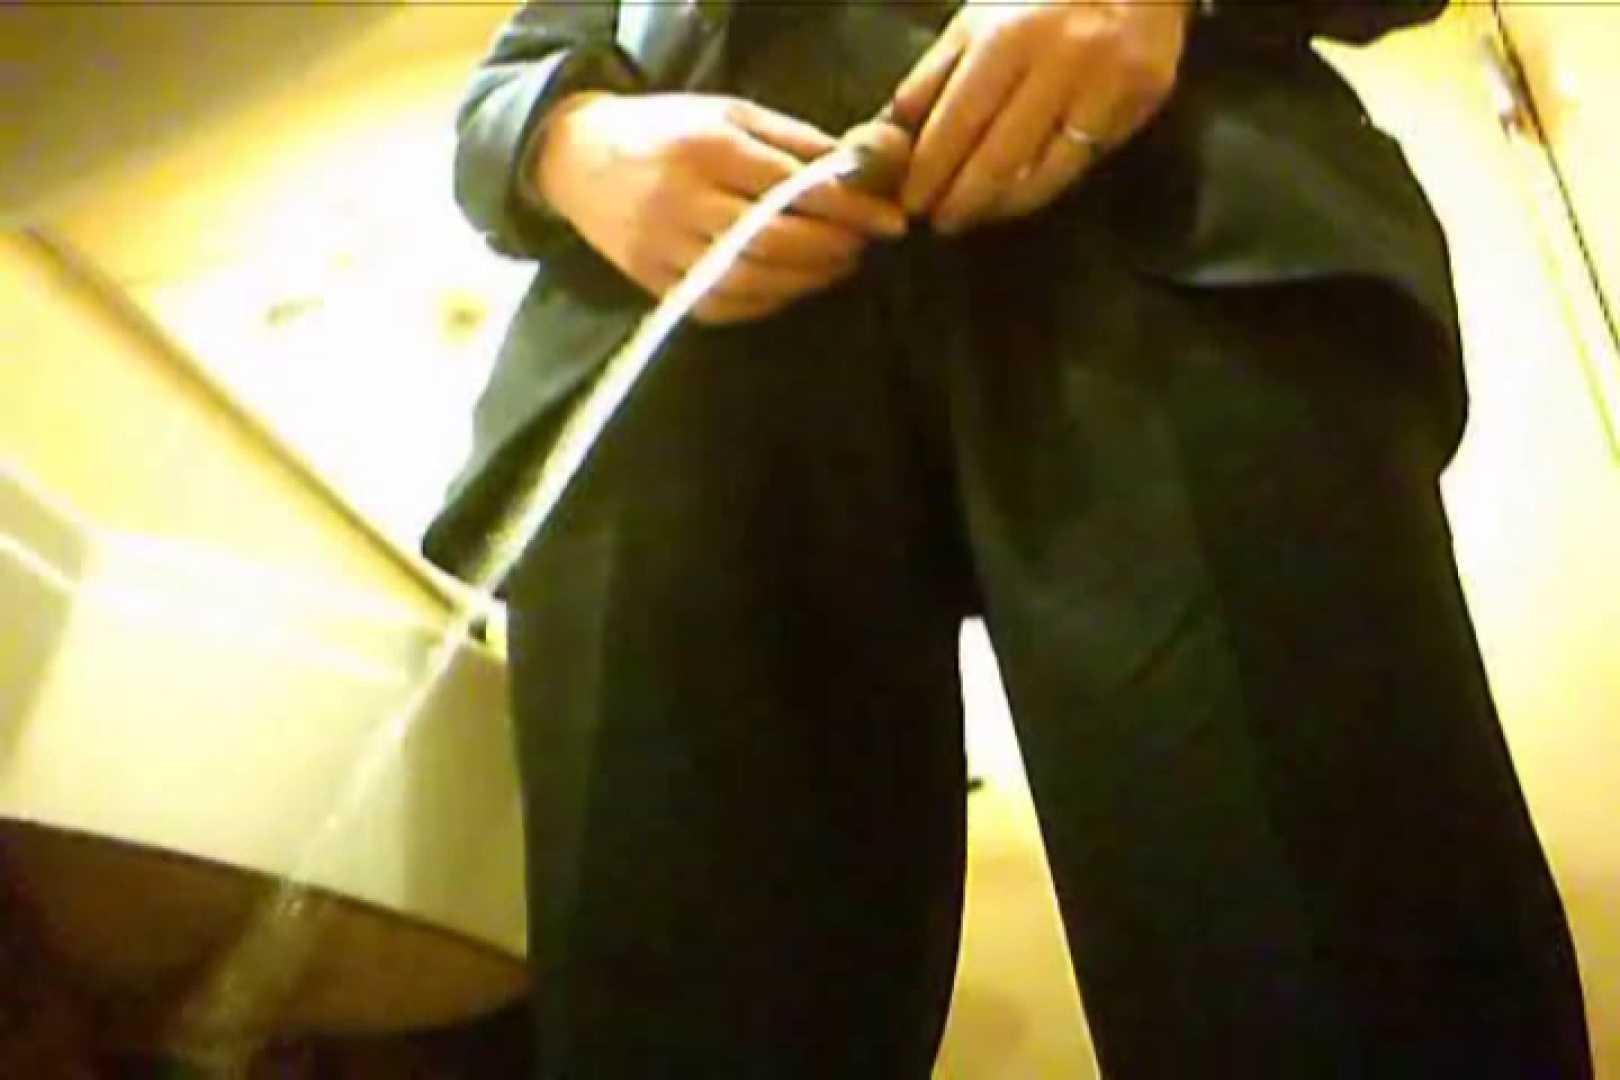 Gボーイ初投稿!掴み取りさんの洗面所覗き!in新幹線!VOL.17 スーツボーイズ | スジ筋系ボーイズ  104pic 25